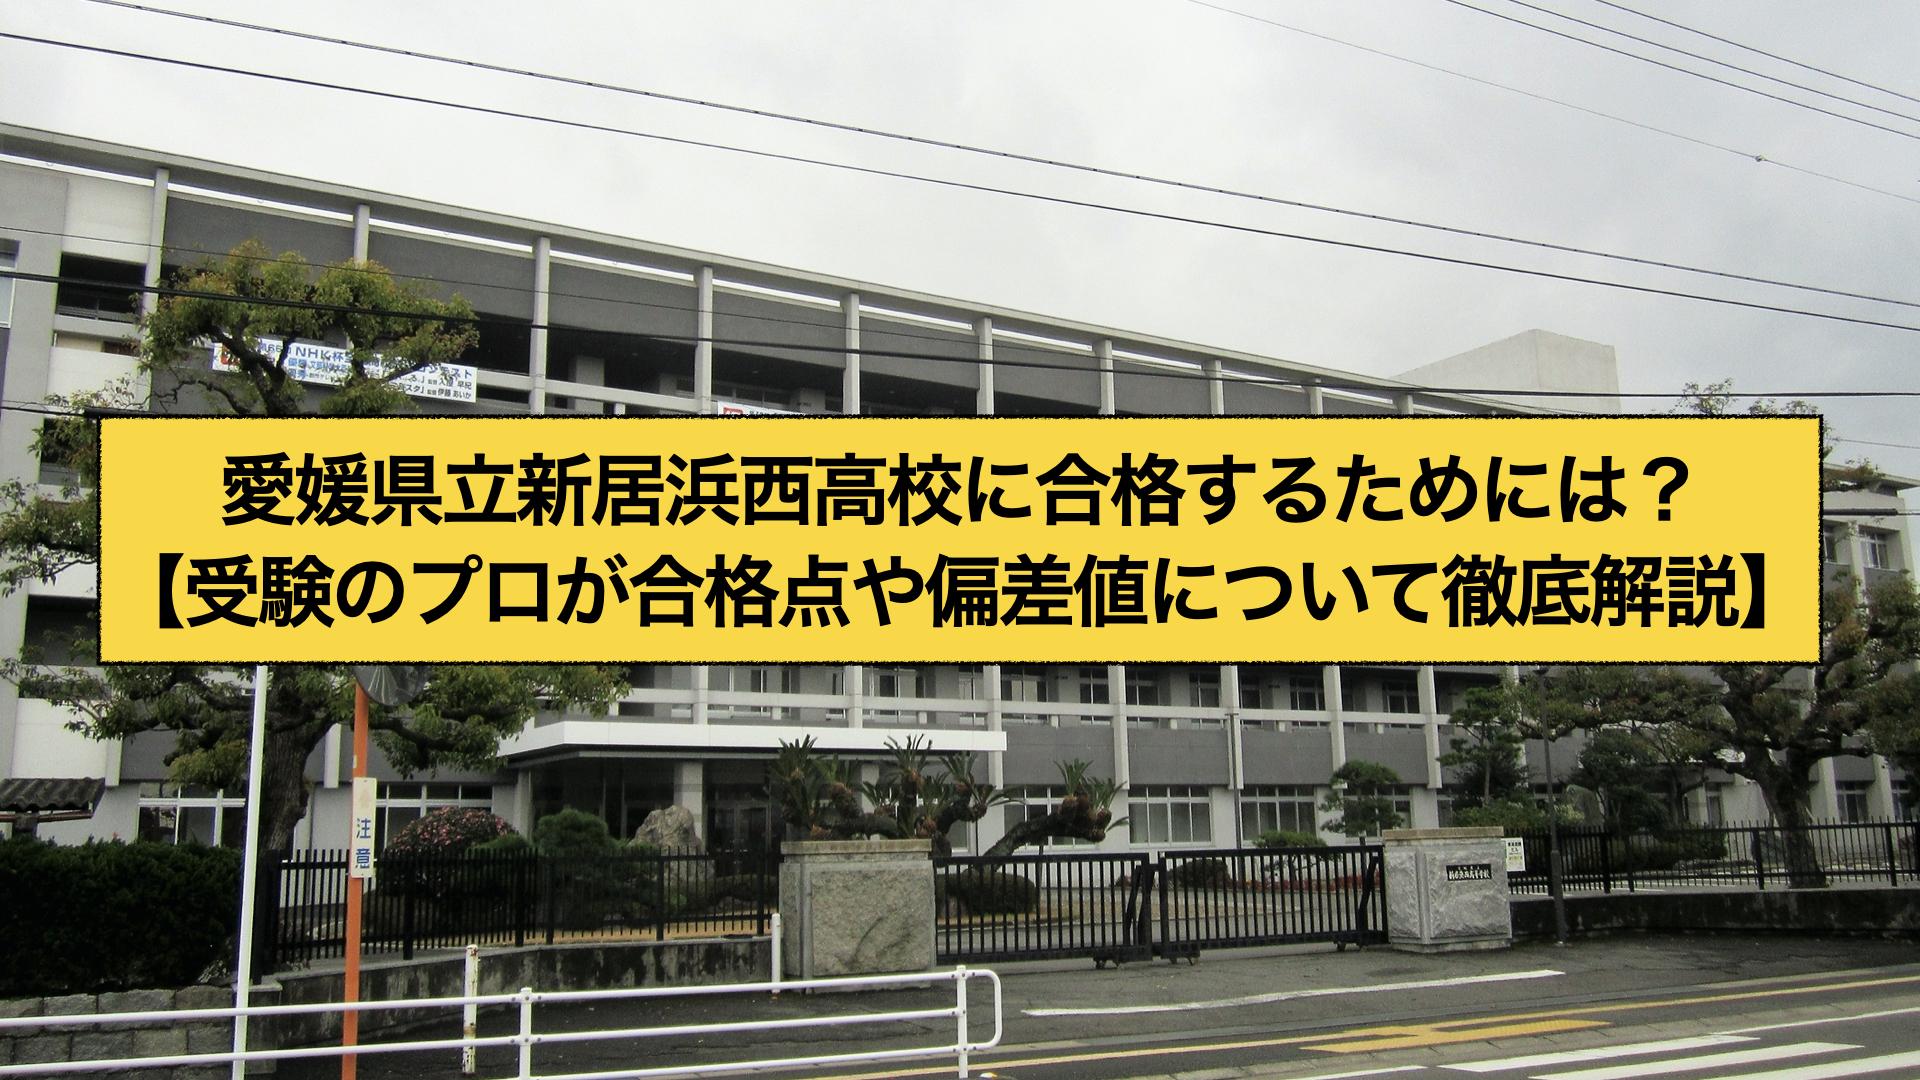 愛媛県立新居浜西高校に合格するためには?【受験のプロが合格点や偏差値について徹底解説】